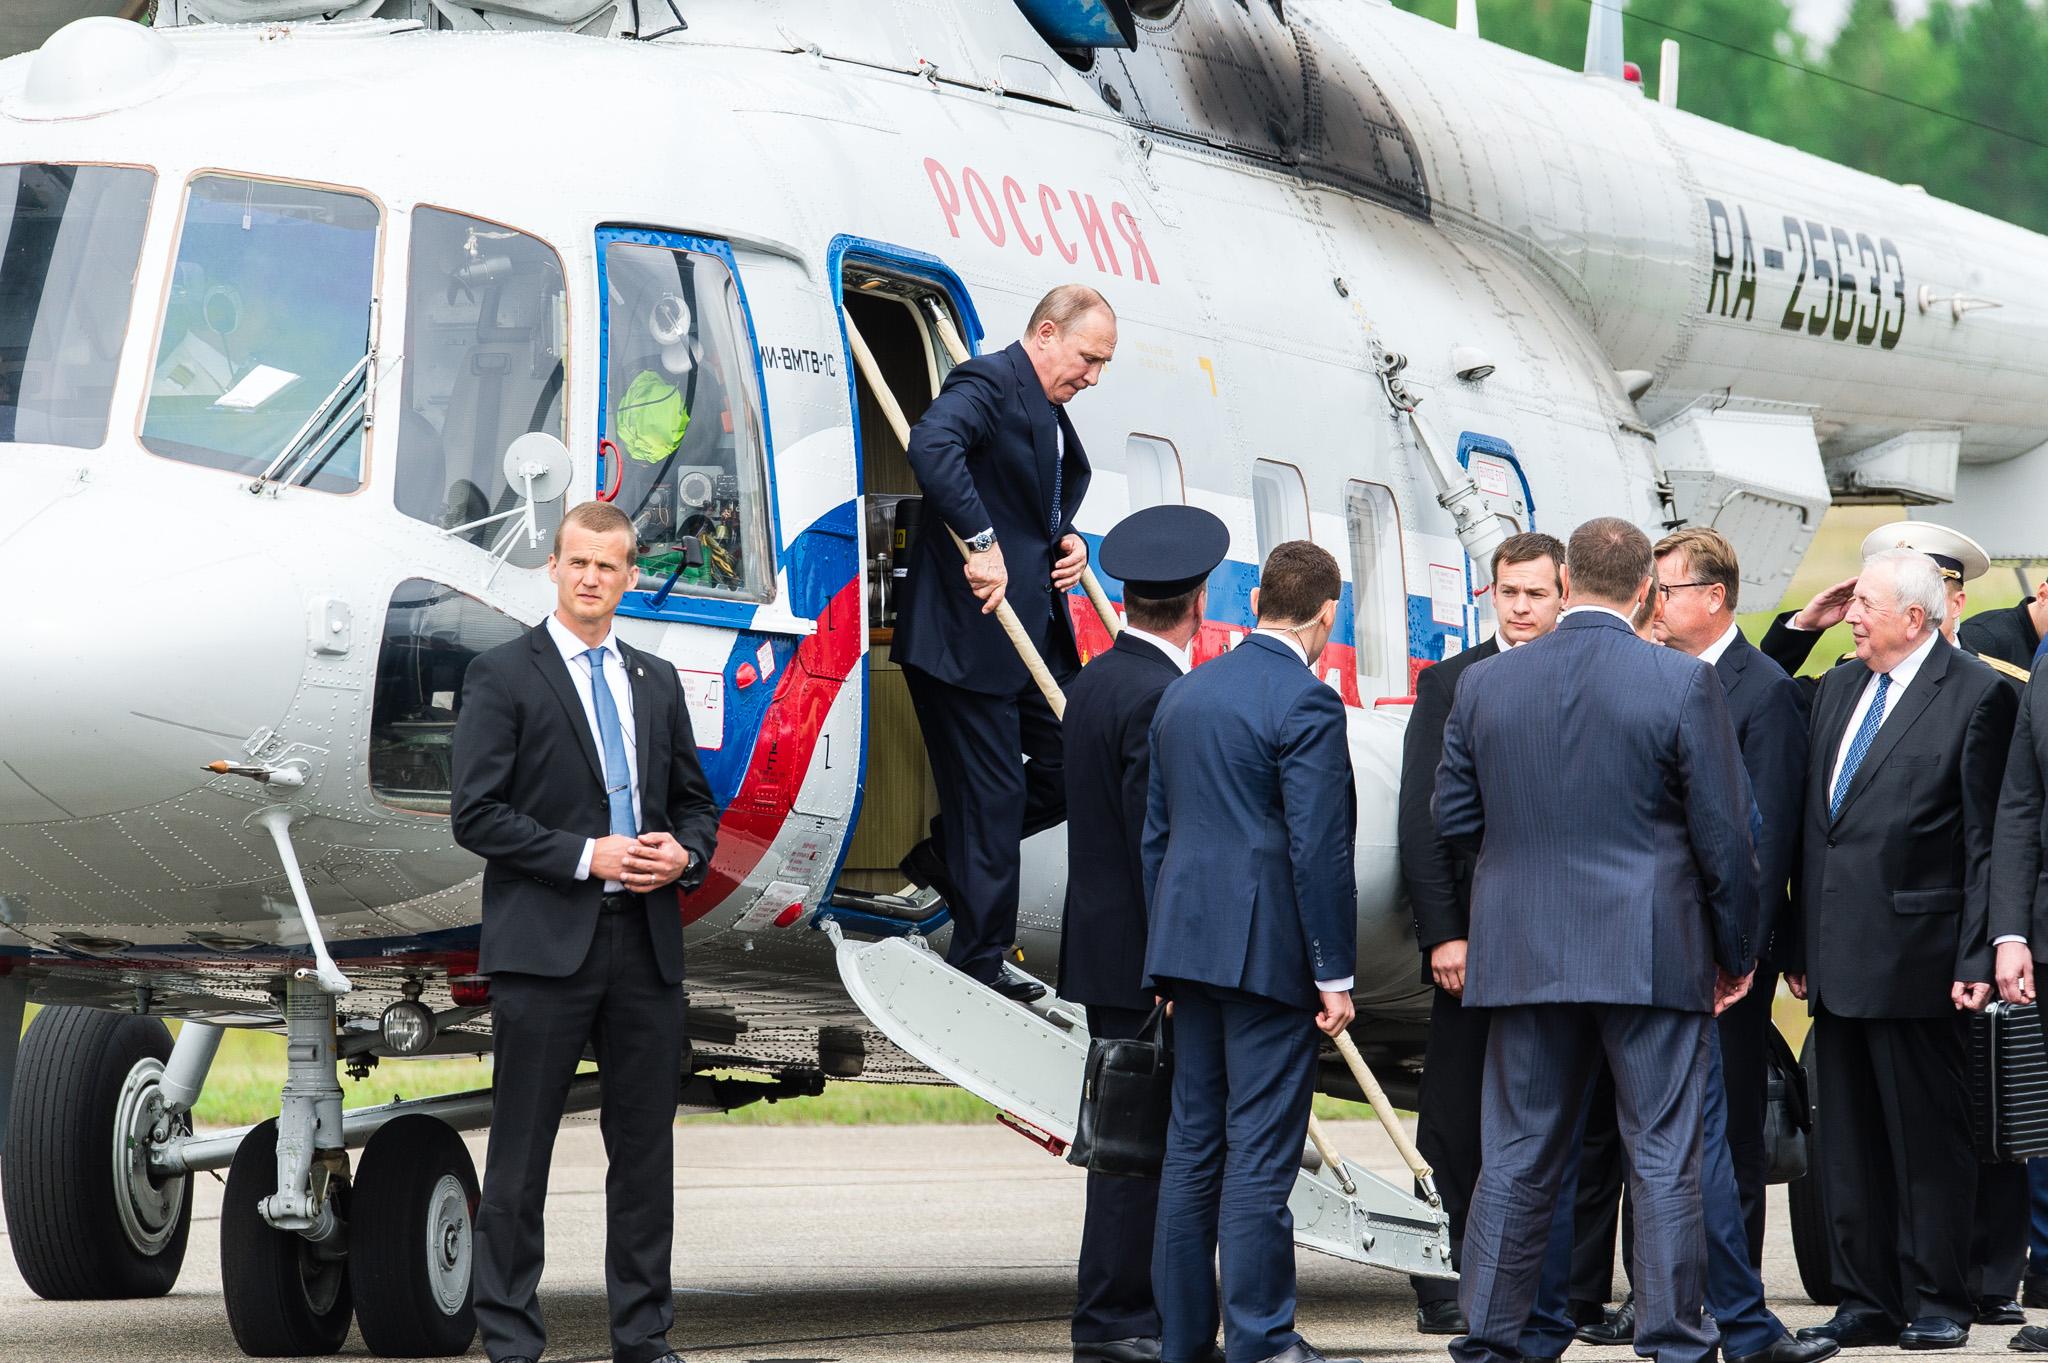 Venäjän presidentti Vladimir Putin saapui Savonlinnaan lopulta helikopterilla, Iltalehti 2017.